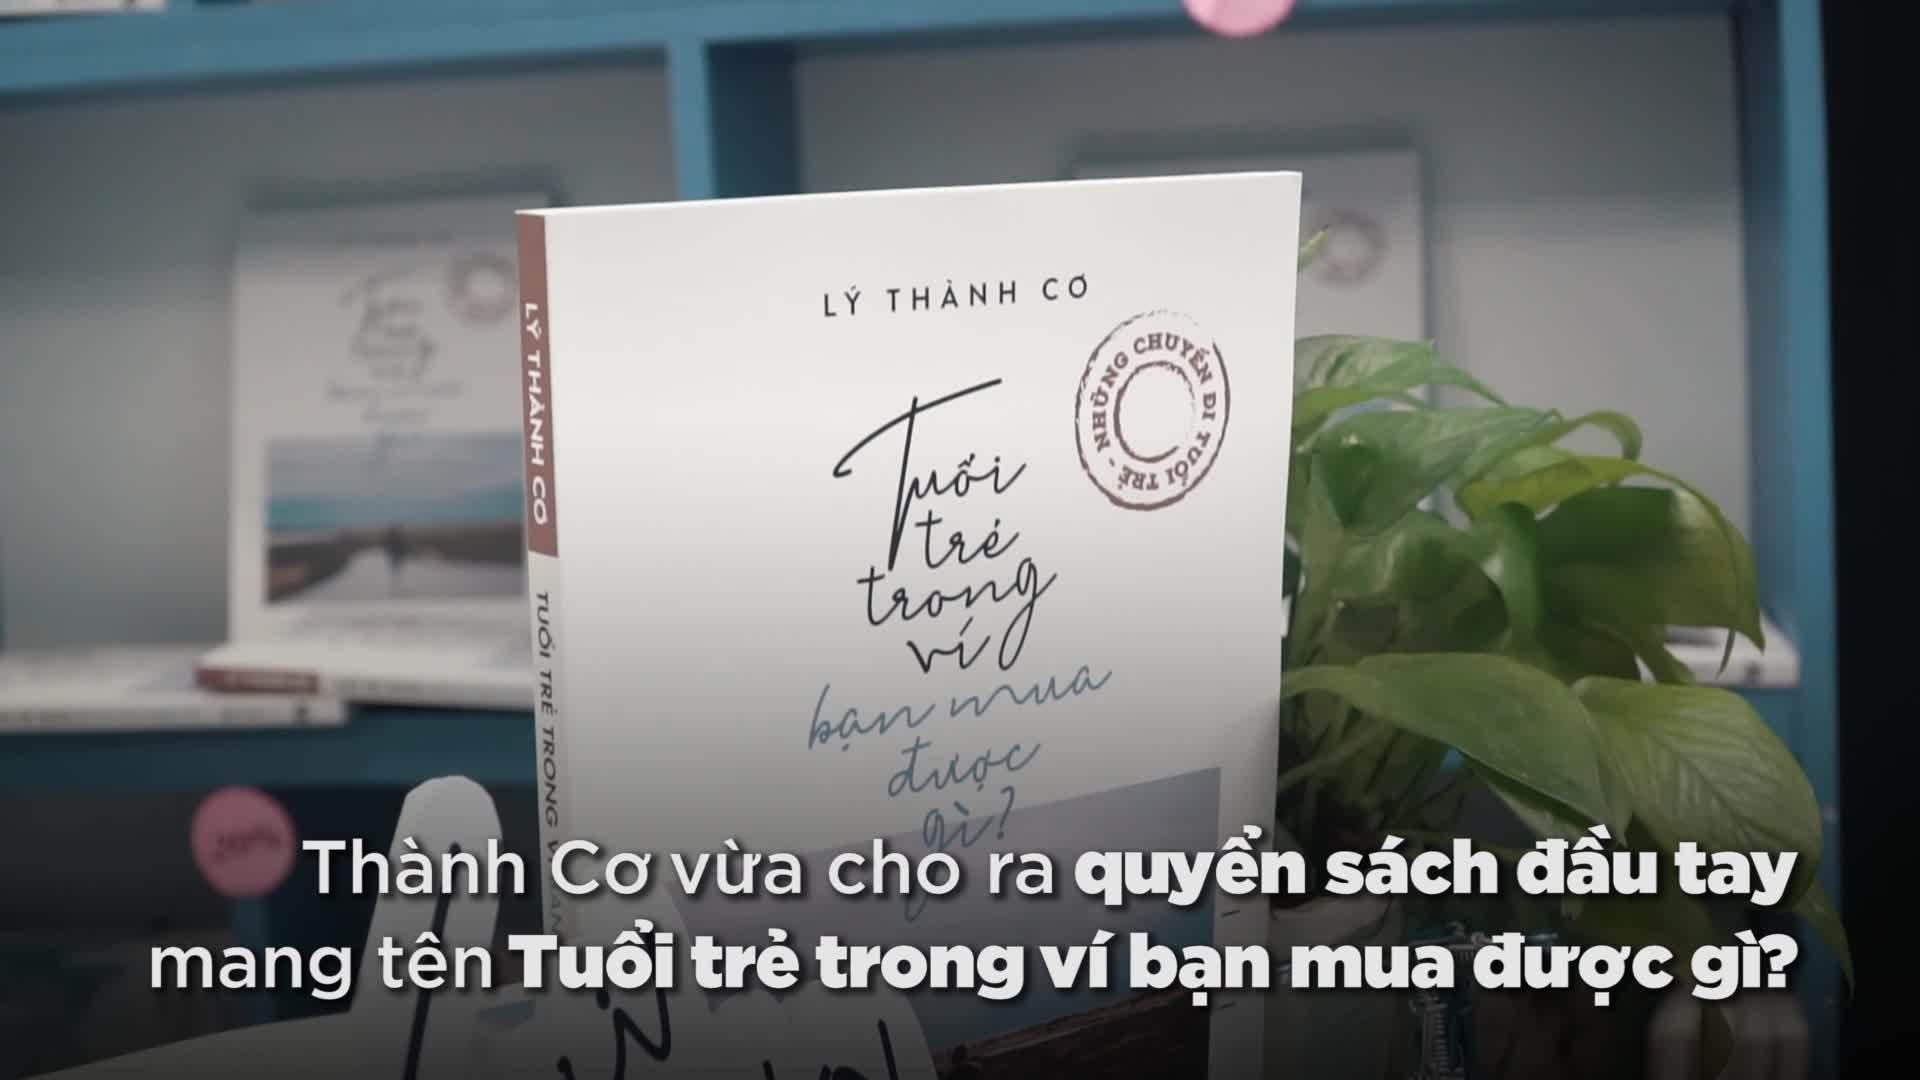 Chàng trai Sài Gòn đi 30 nước trong 3 năm để 'mua' trải nghiệm